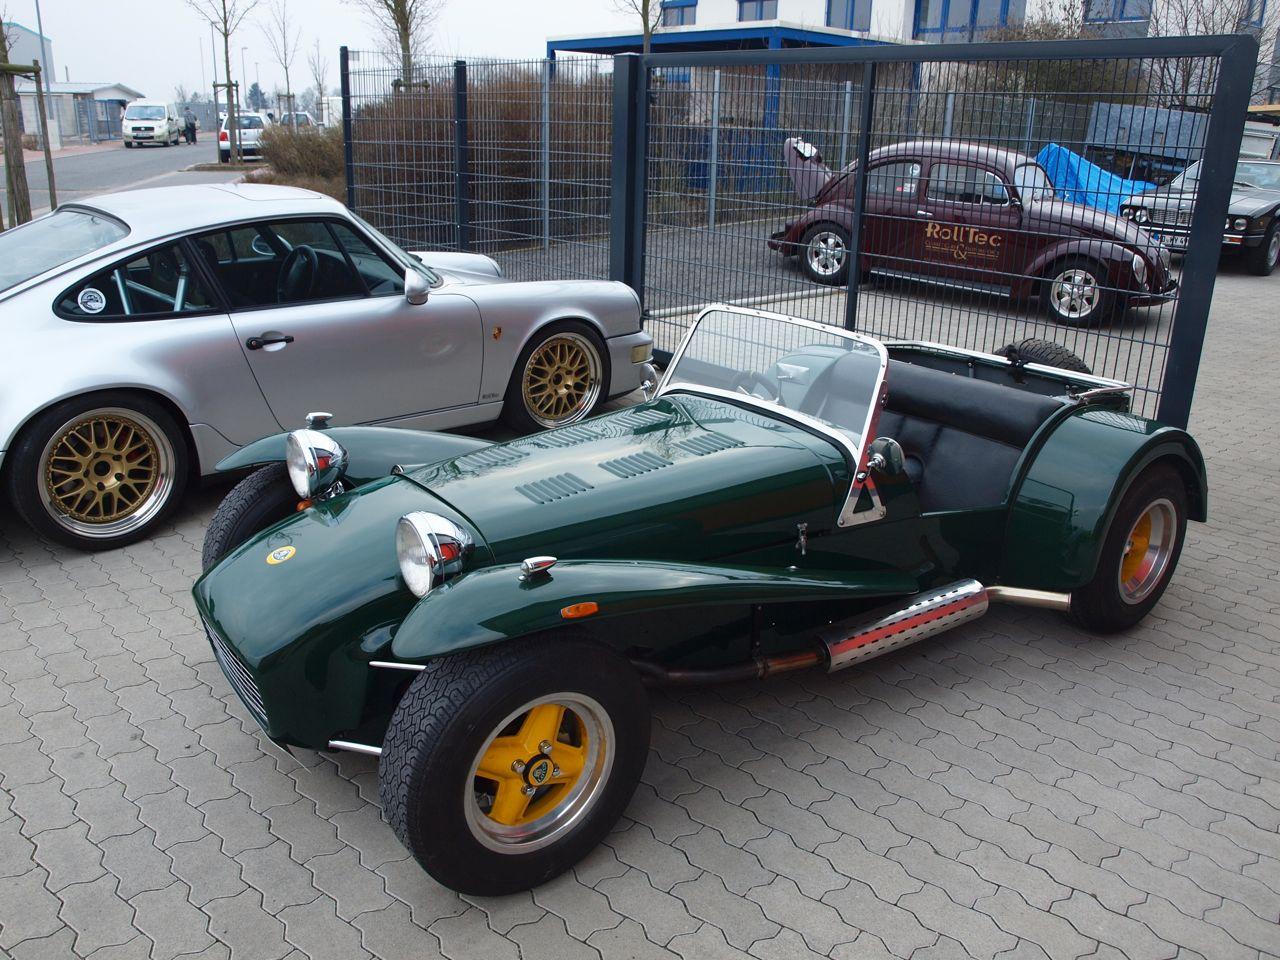 911 For Sale >> Rolltec - Restaurationsfachbetrieb für Young- & Oldtimer, | Lotus Grün